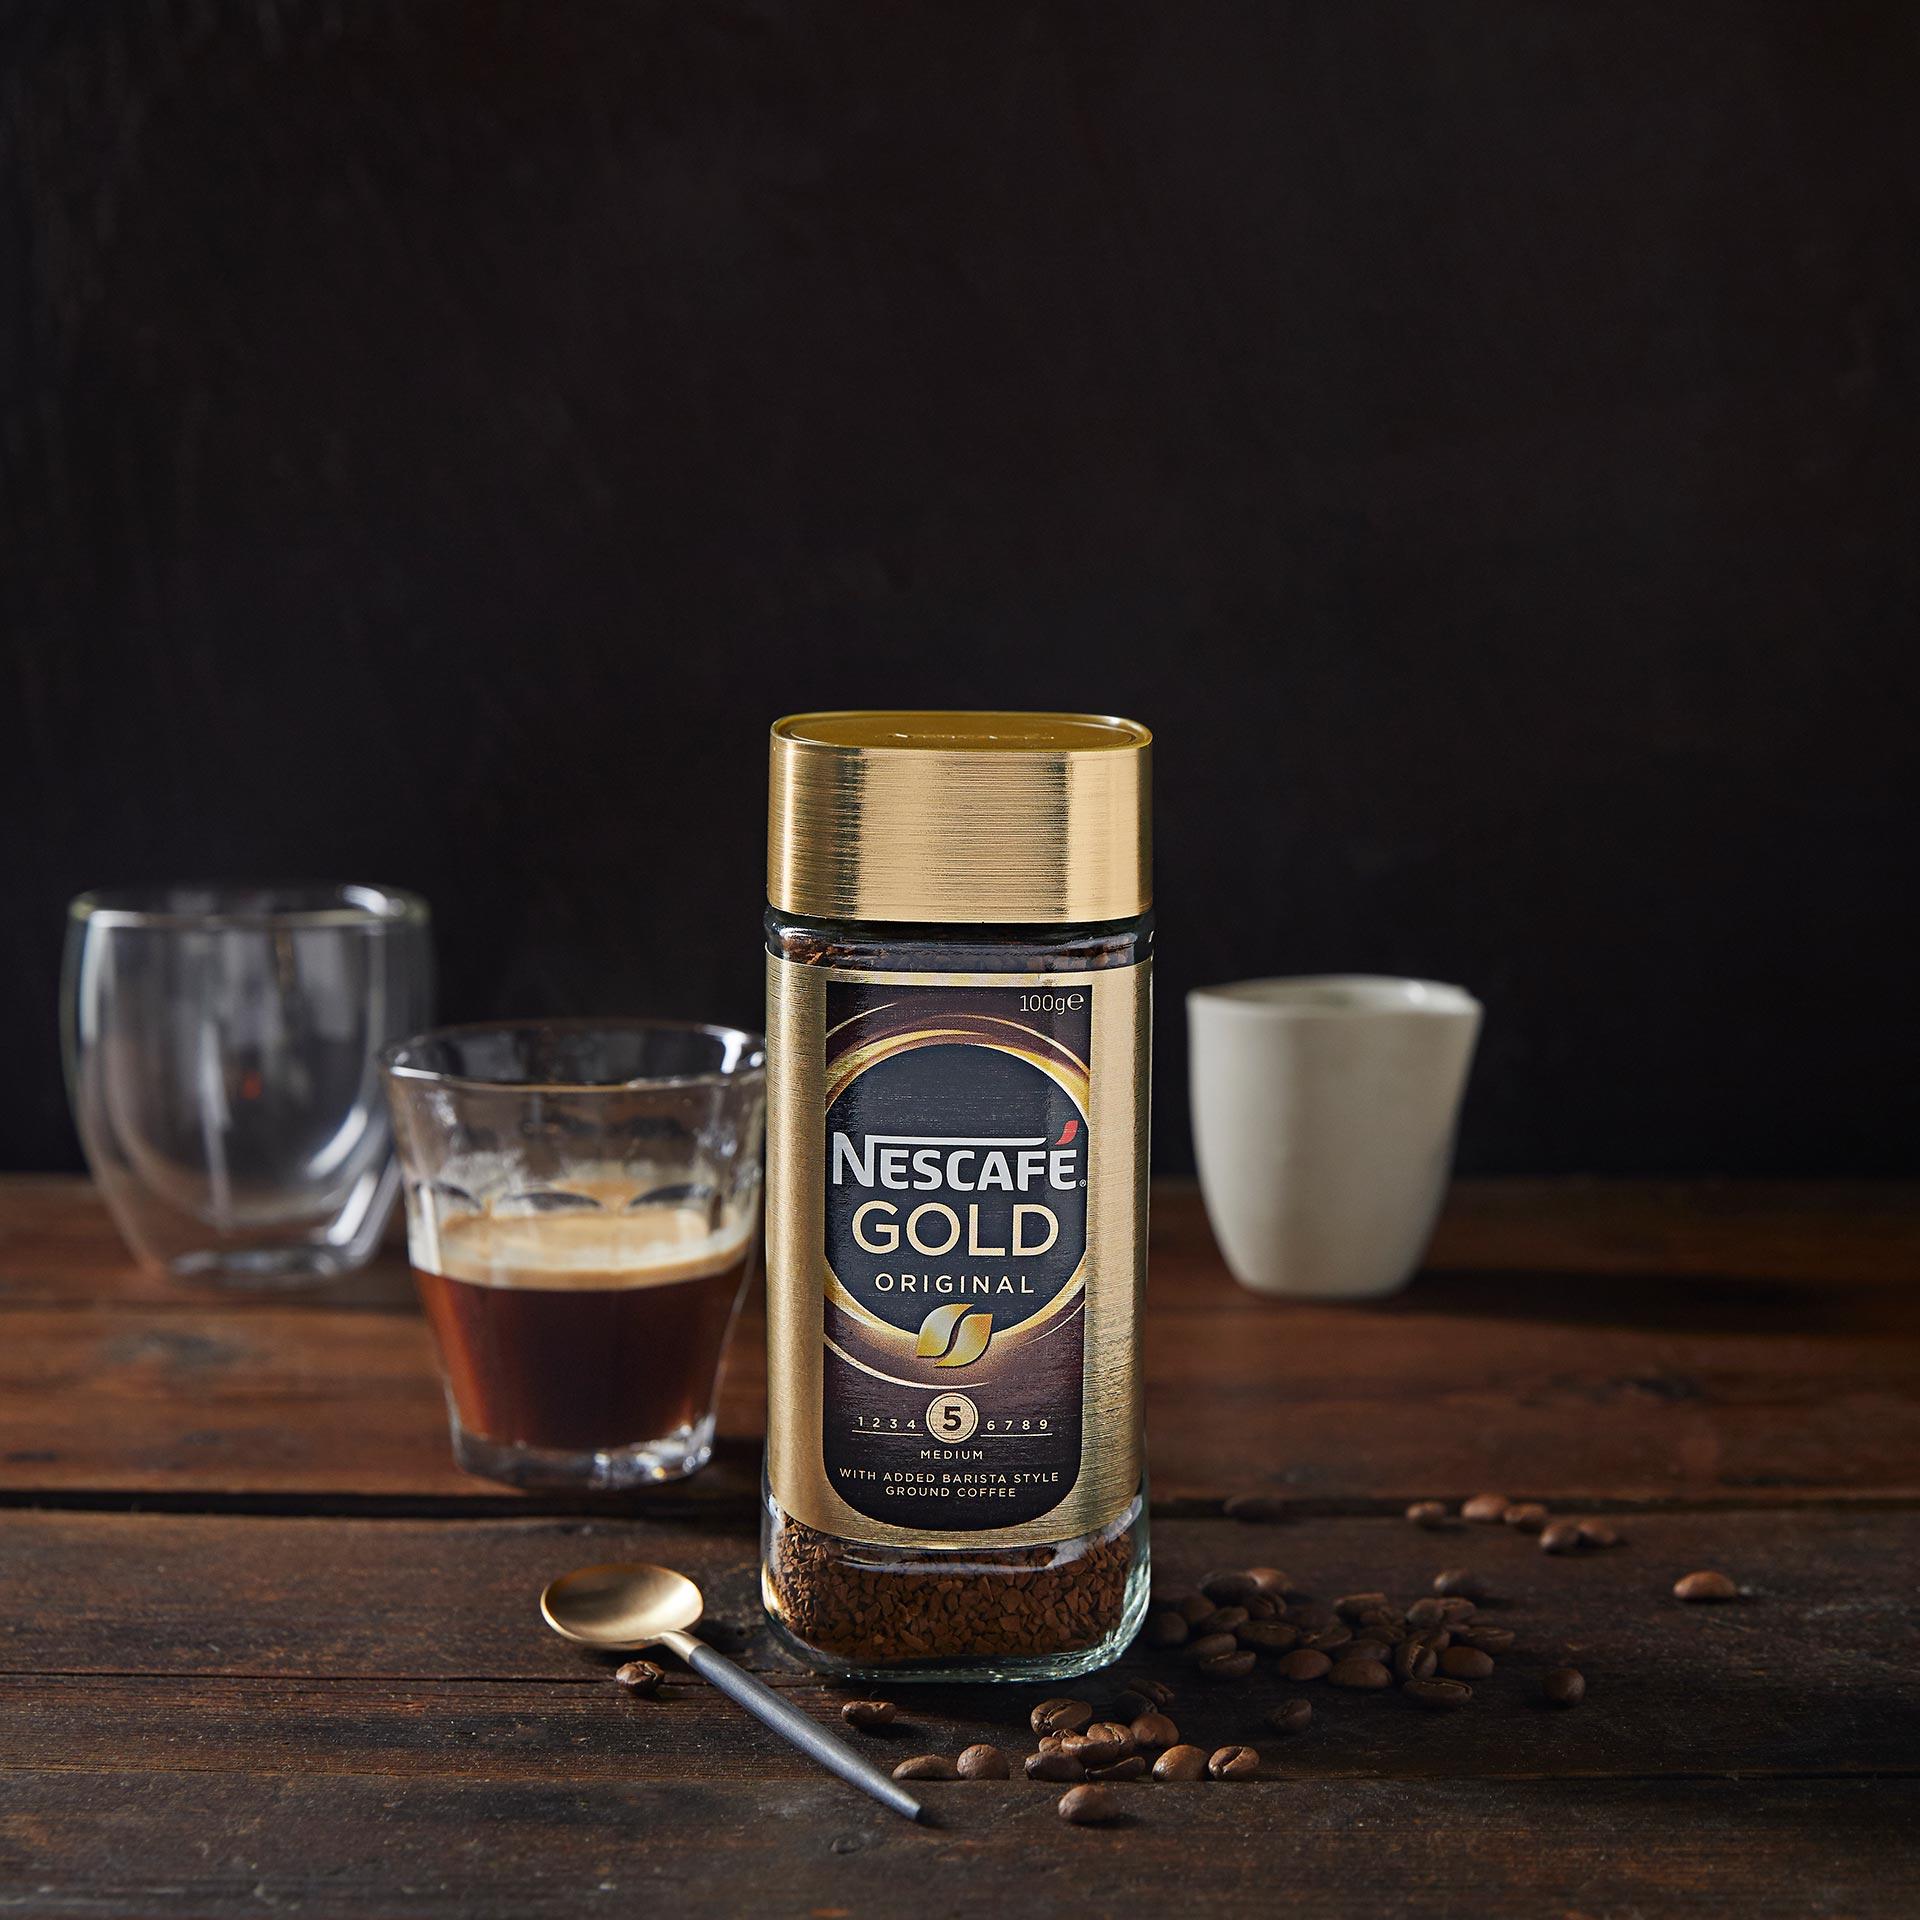 Nescafe GOLD 100gm Next to Espresso